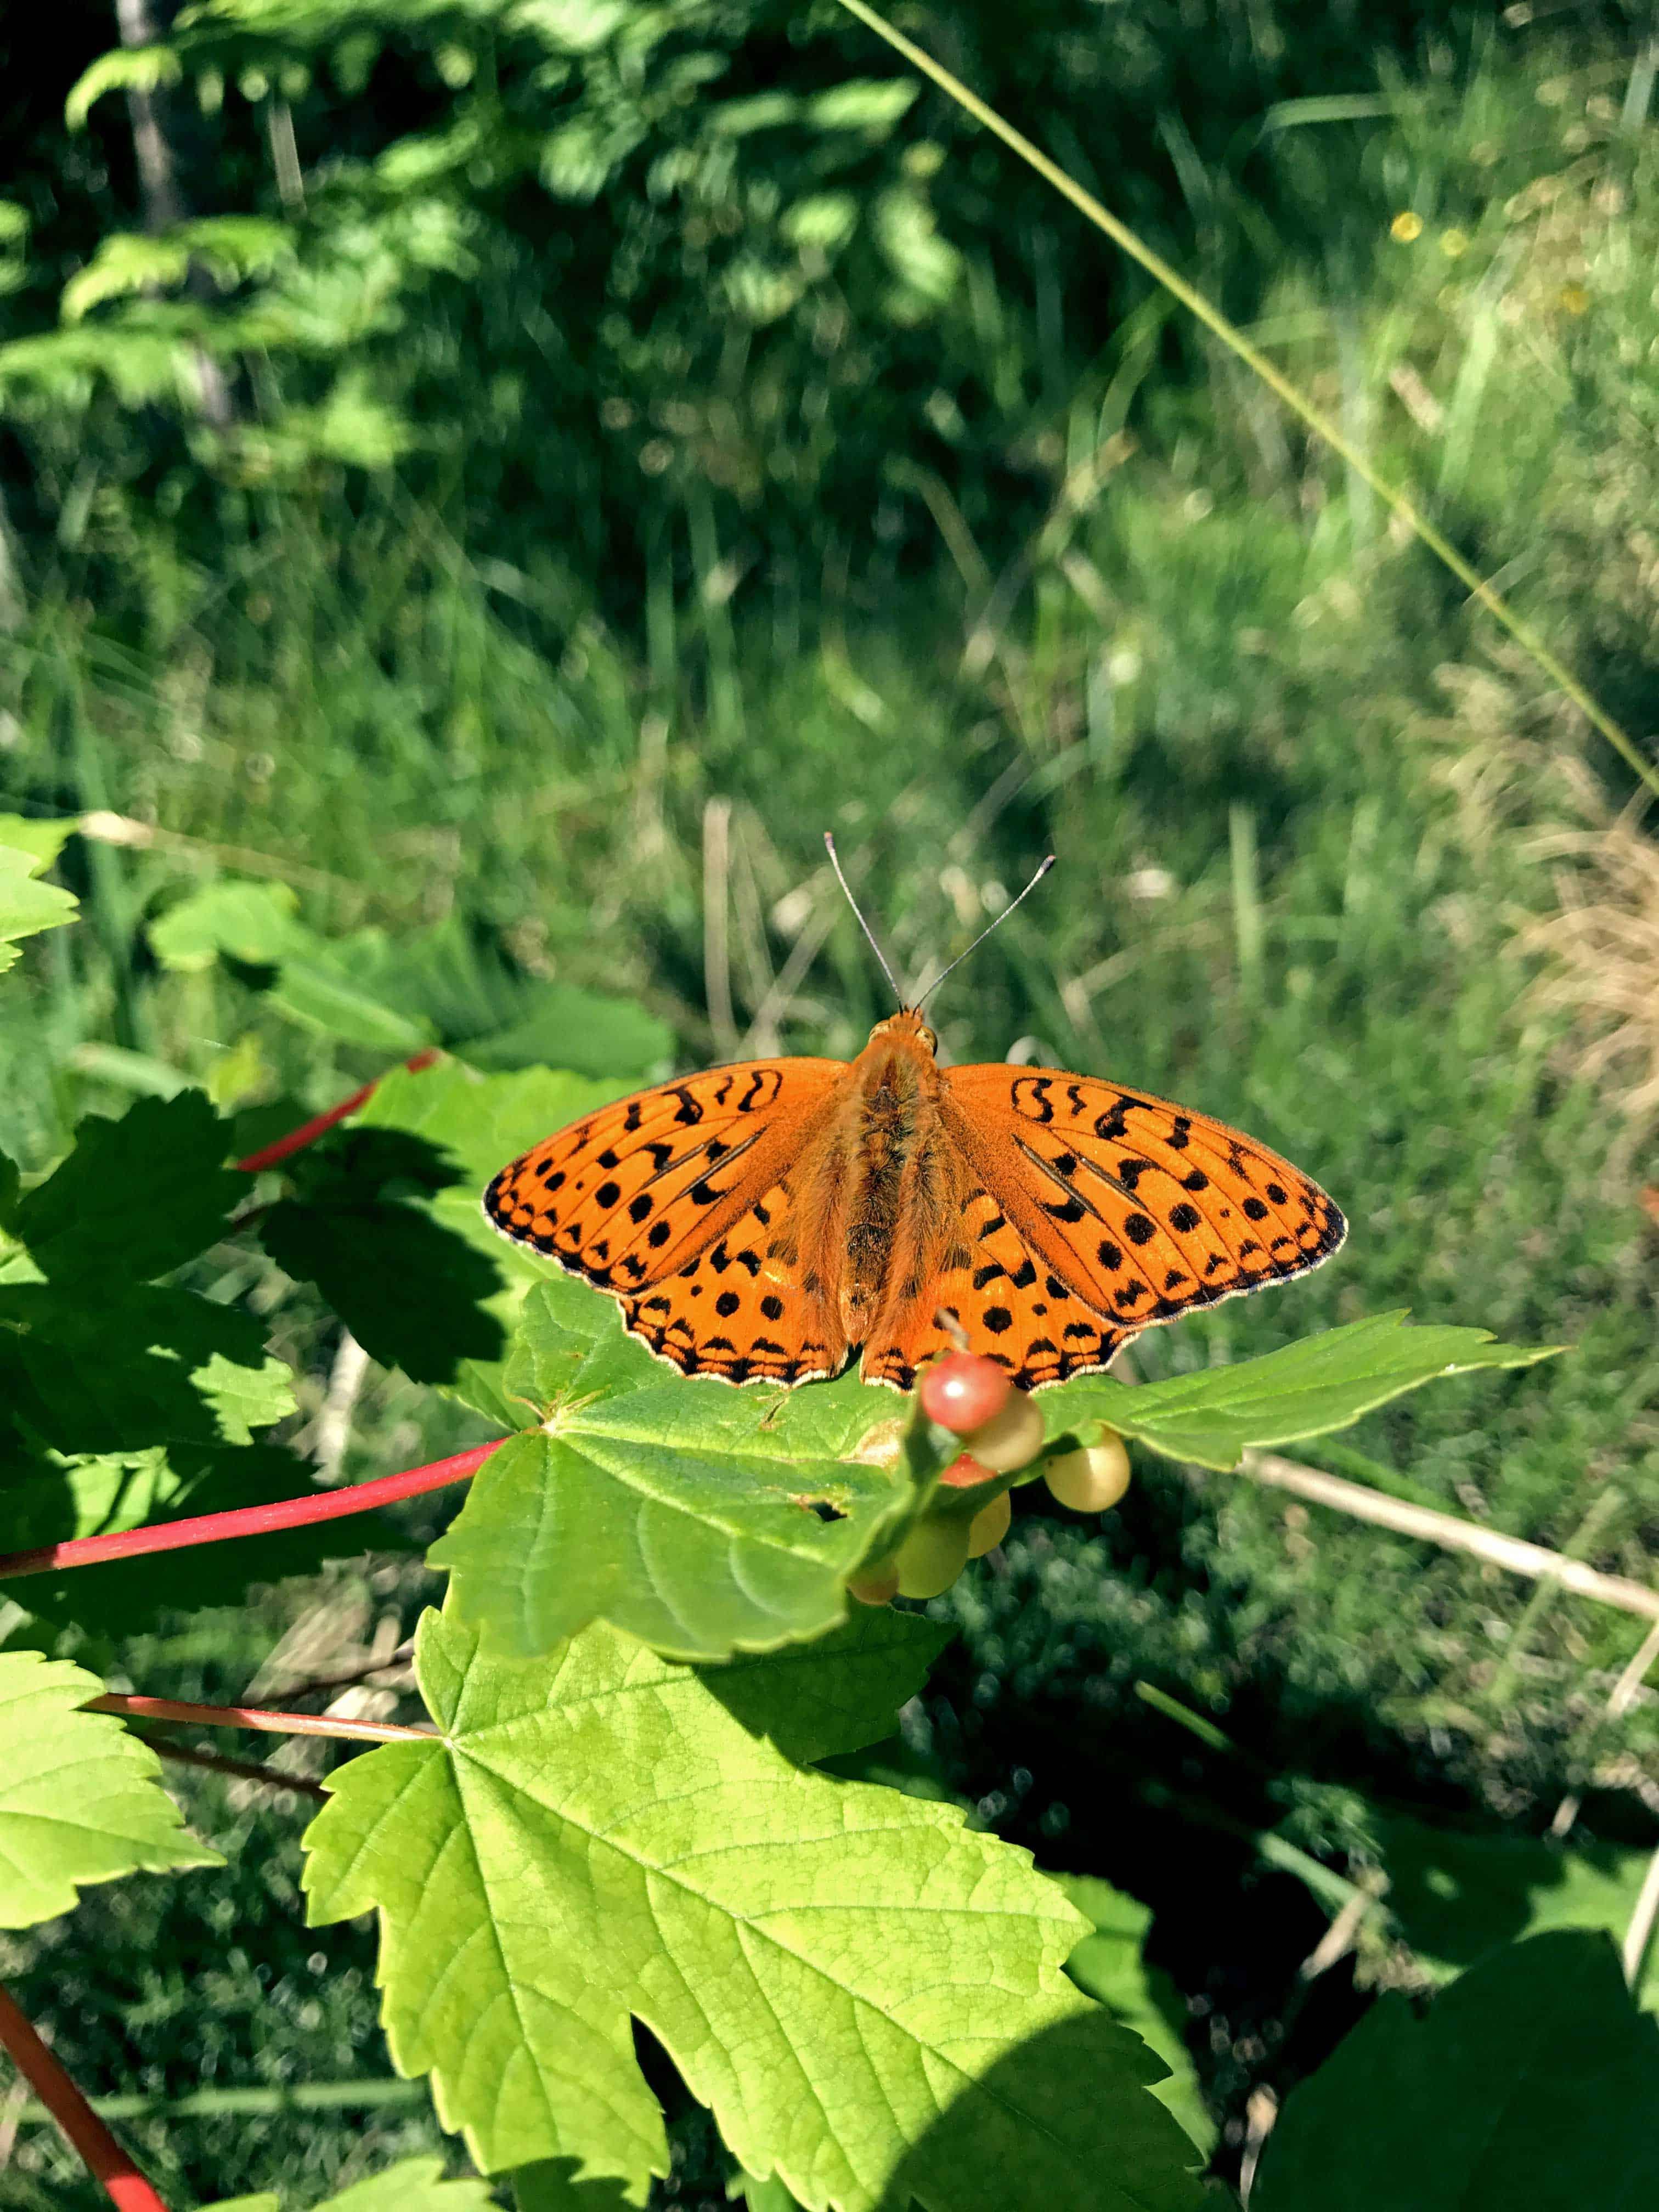 Naturbild mit Schmetterling